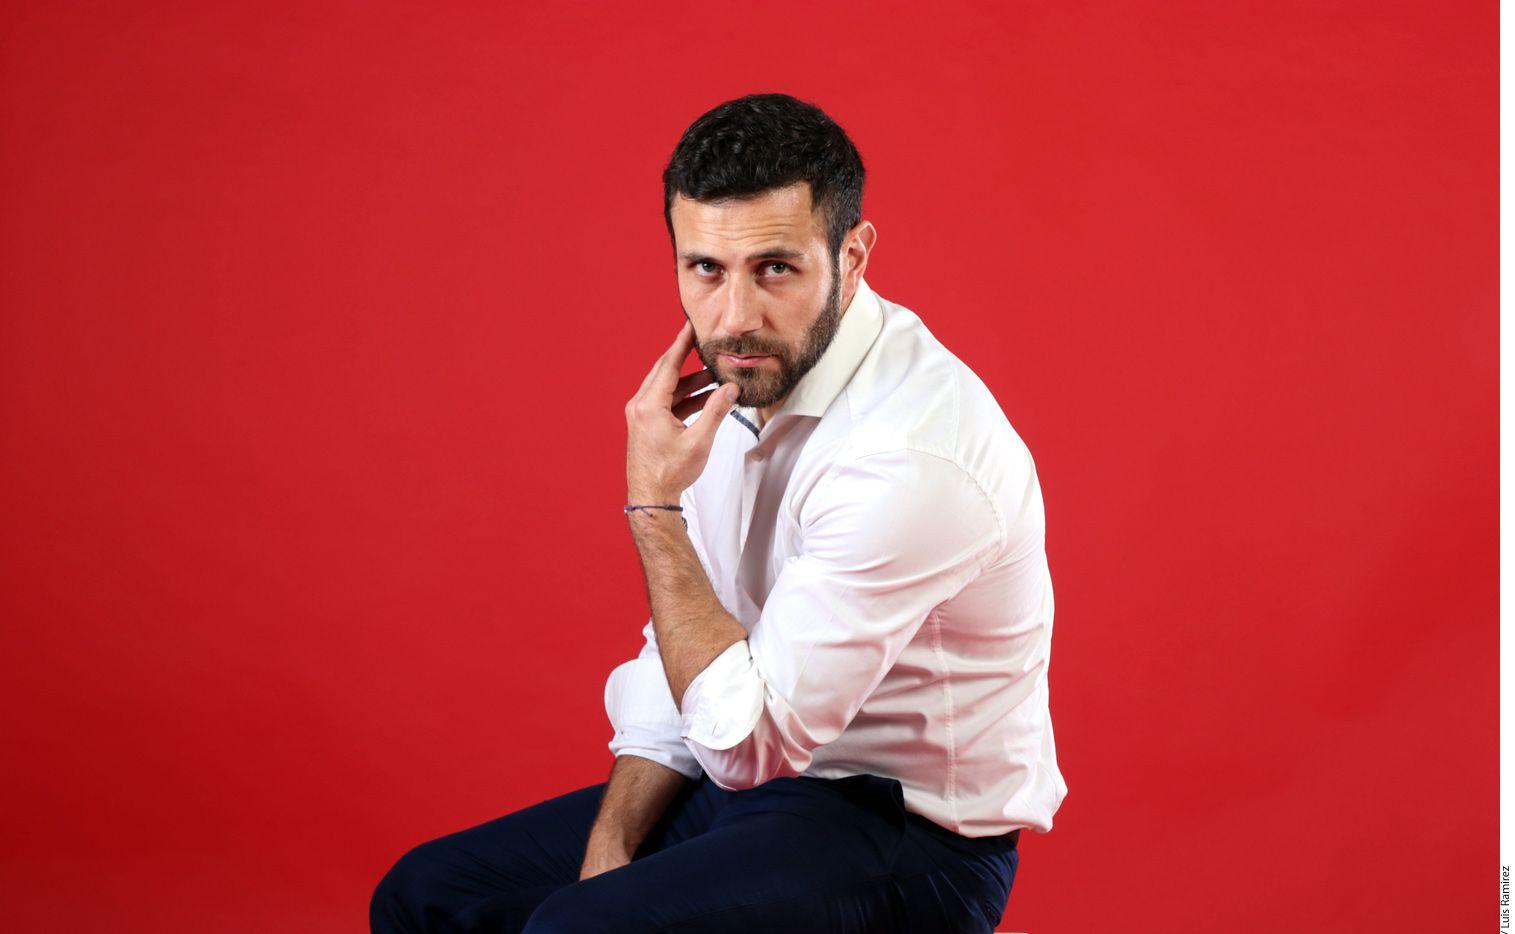 """Carlos Ferro espera que su papel en """"La Boda de Mi Mejor Amigo"""" sea bien recibida por la audiencia./ AGENCIA REFORMA"""